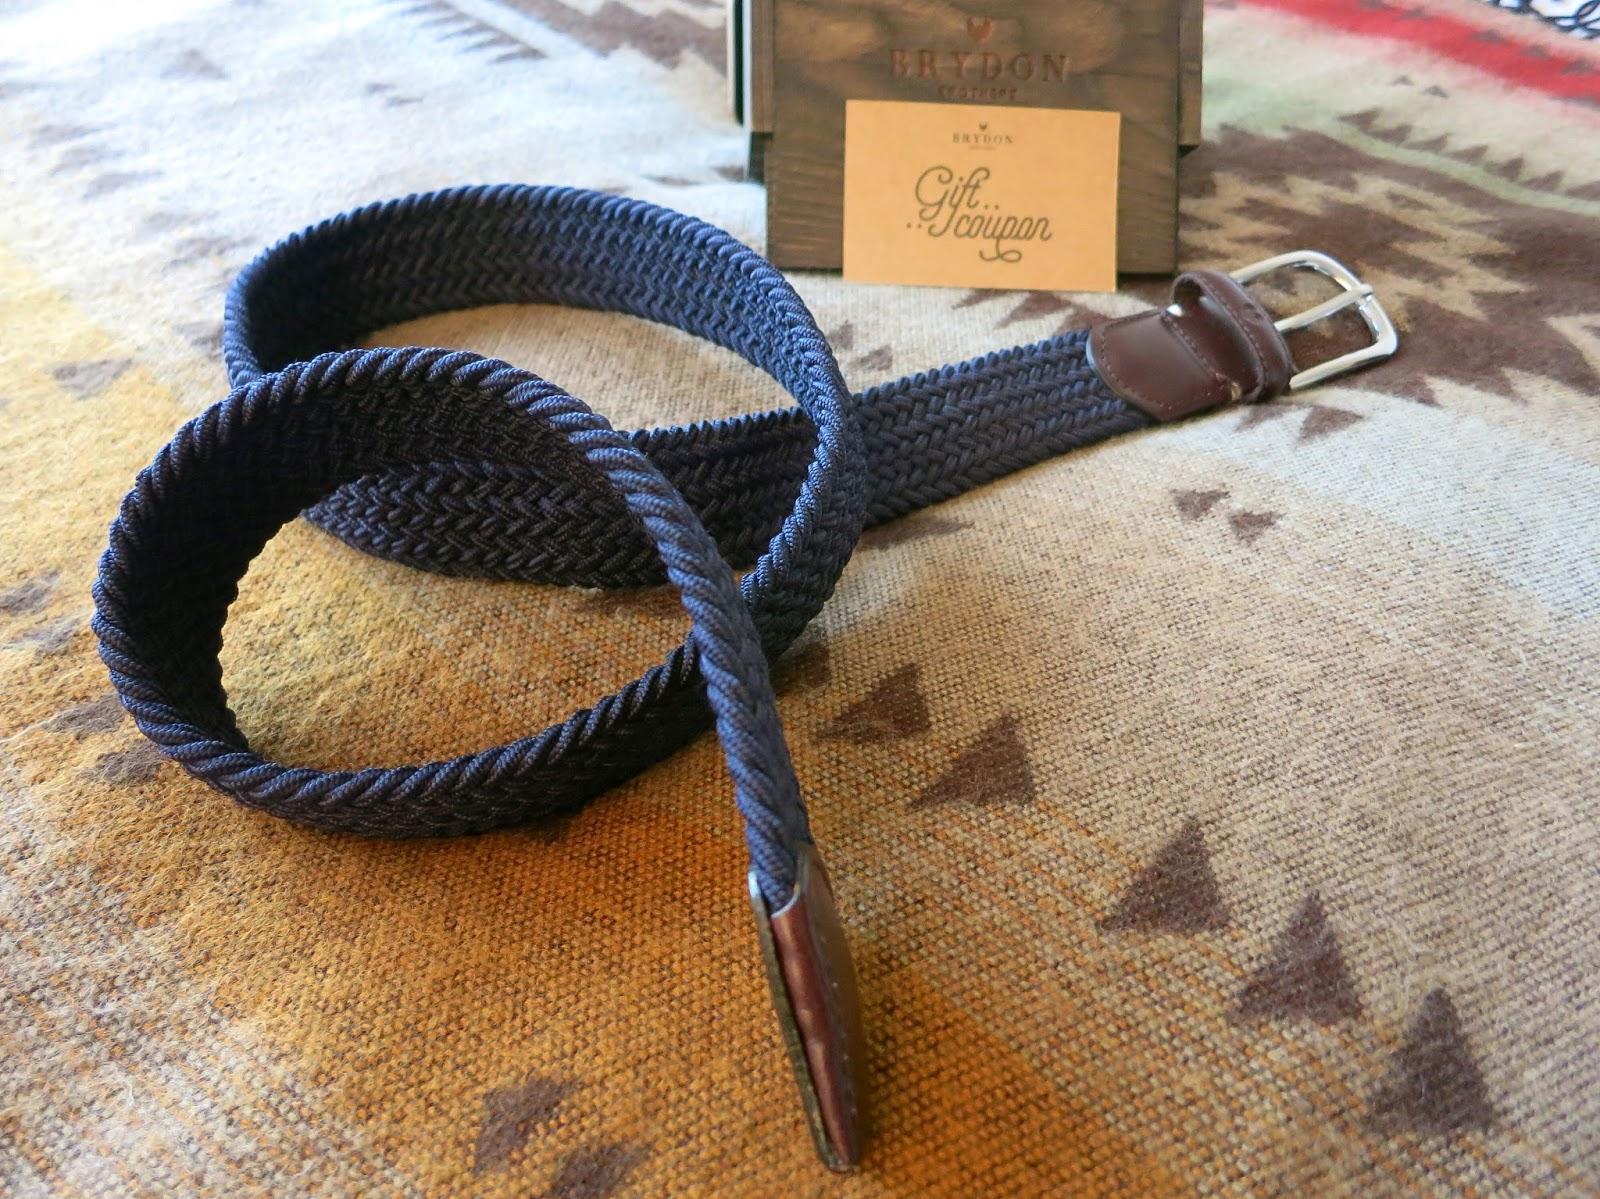 Brydon Brothers Belts